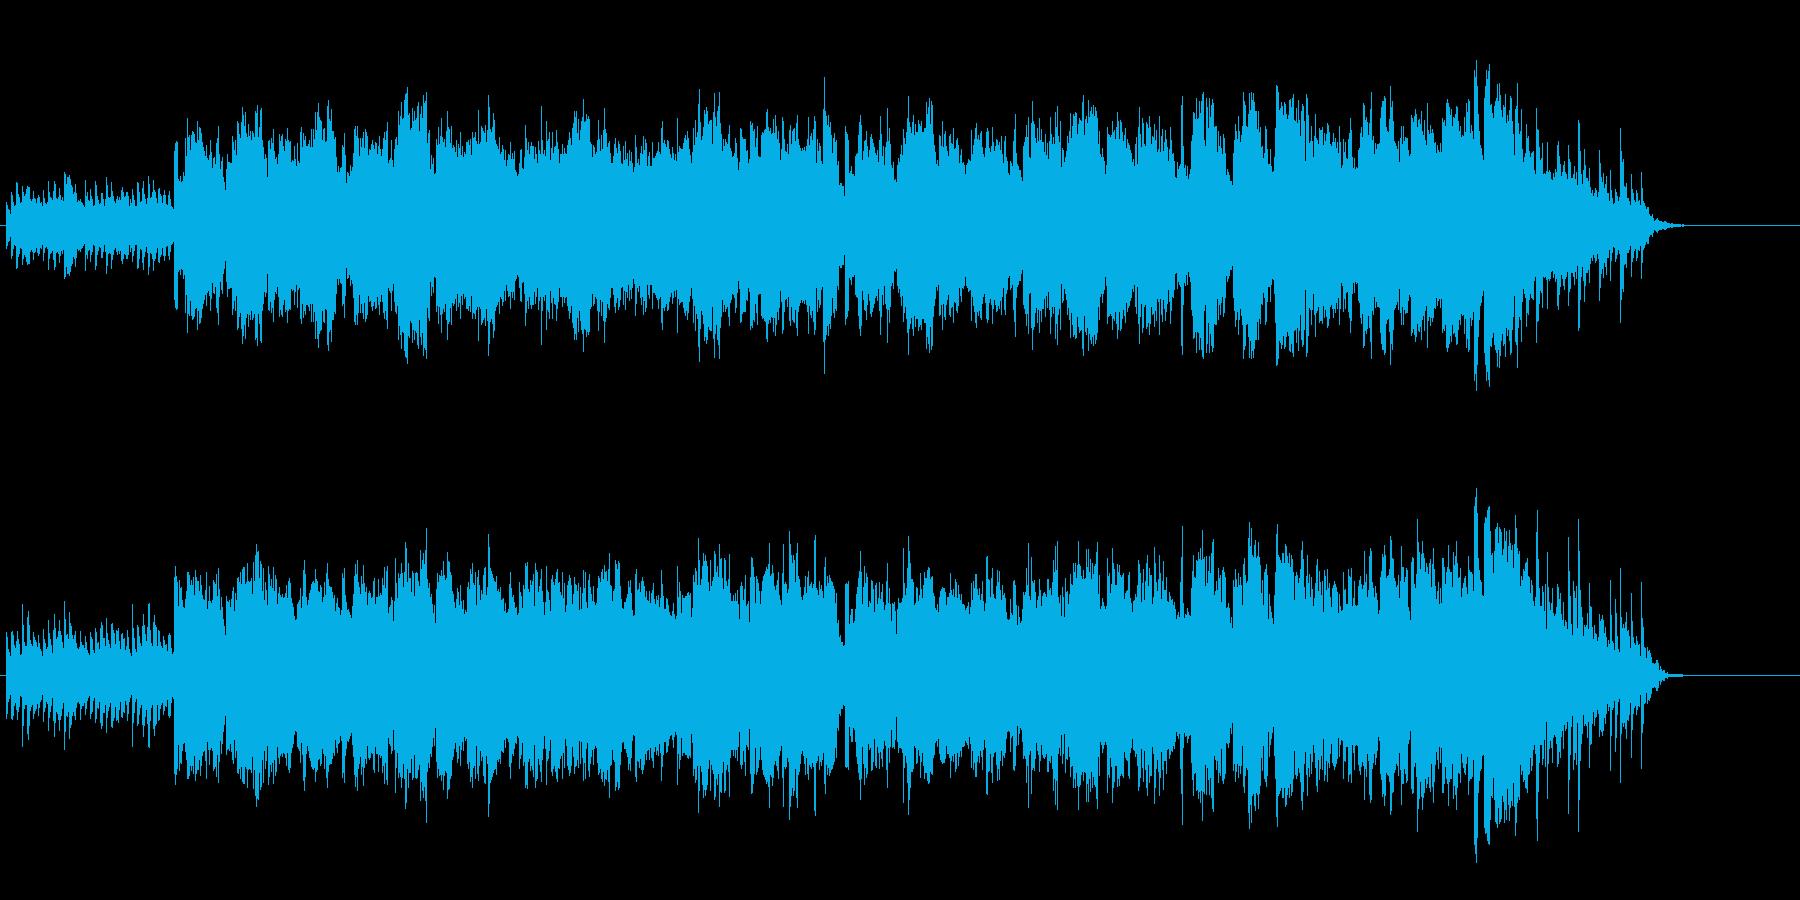 気持ちの安らぐセミ・クラ風バラードの再生済みの波形